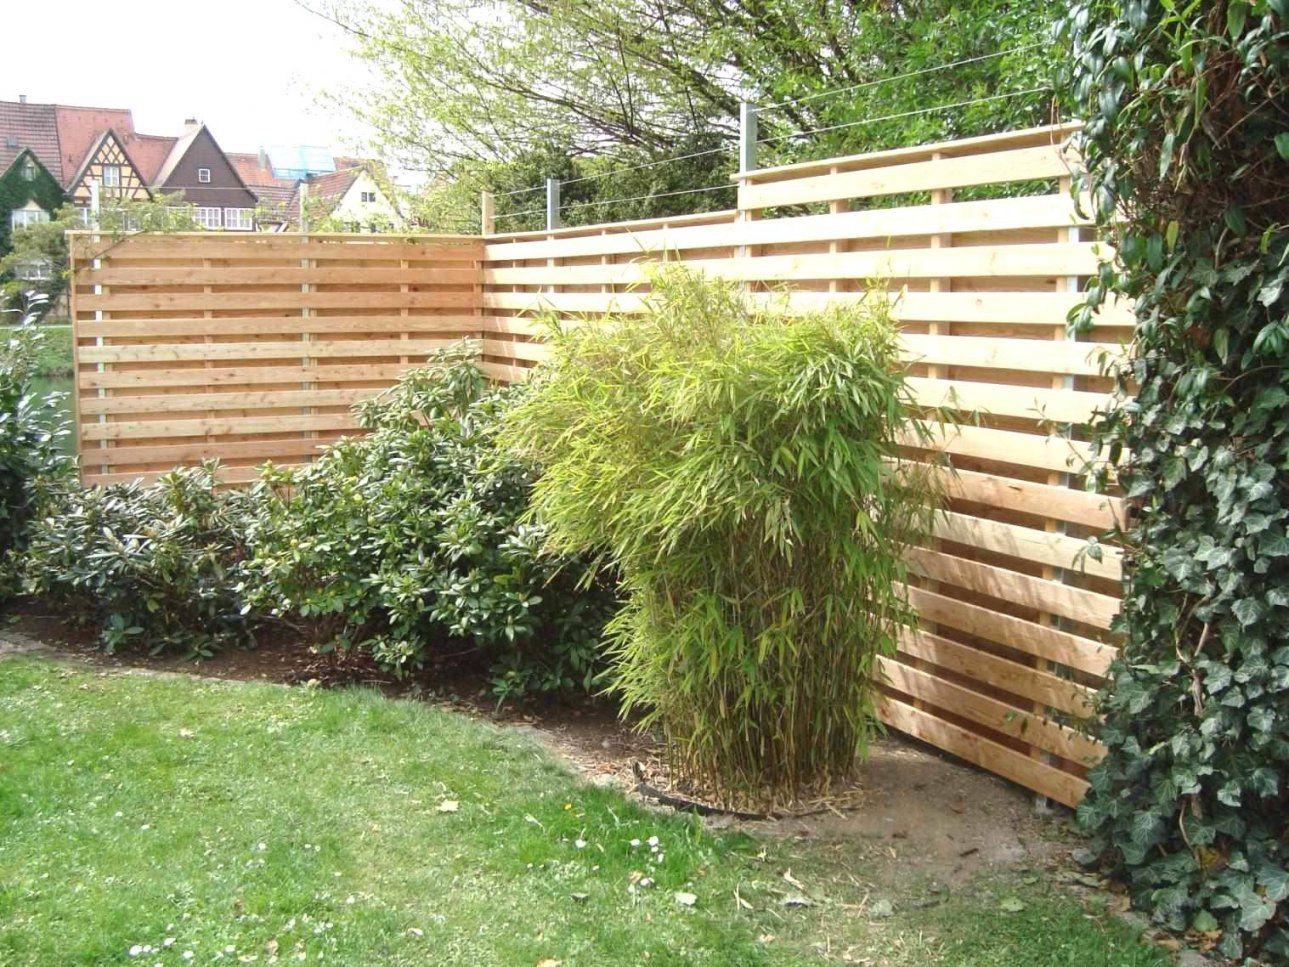 Gartengestaltung Gunstig Selber Machen Gartengestaltung